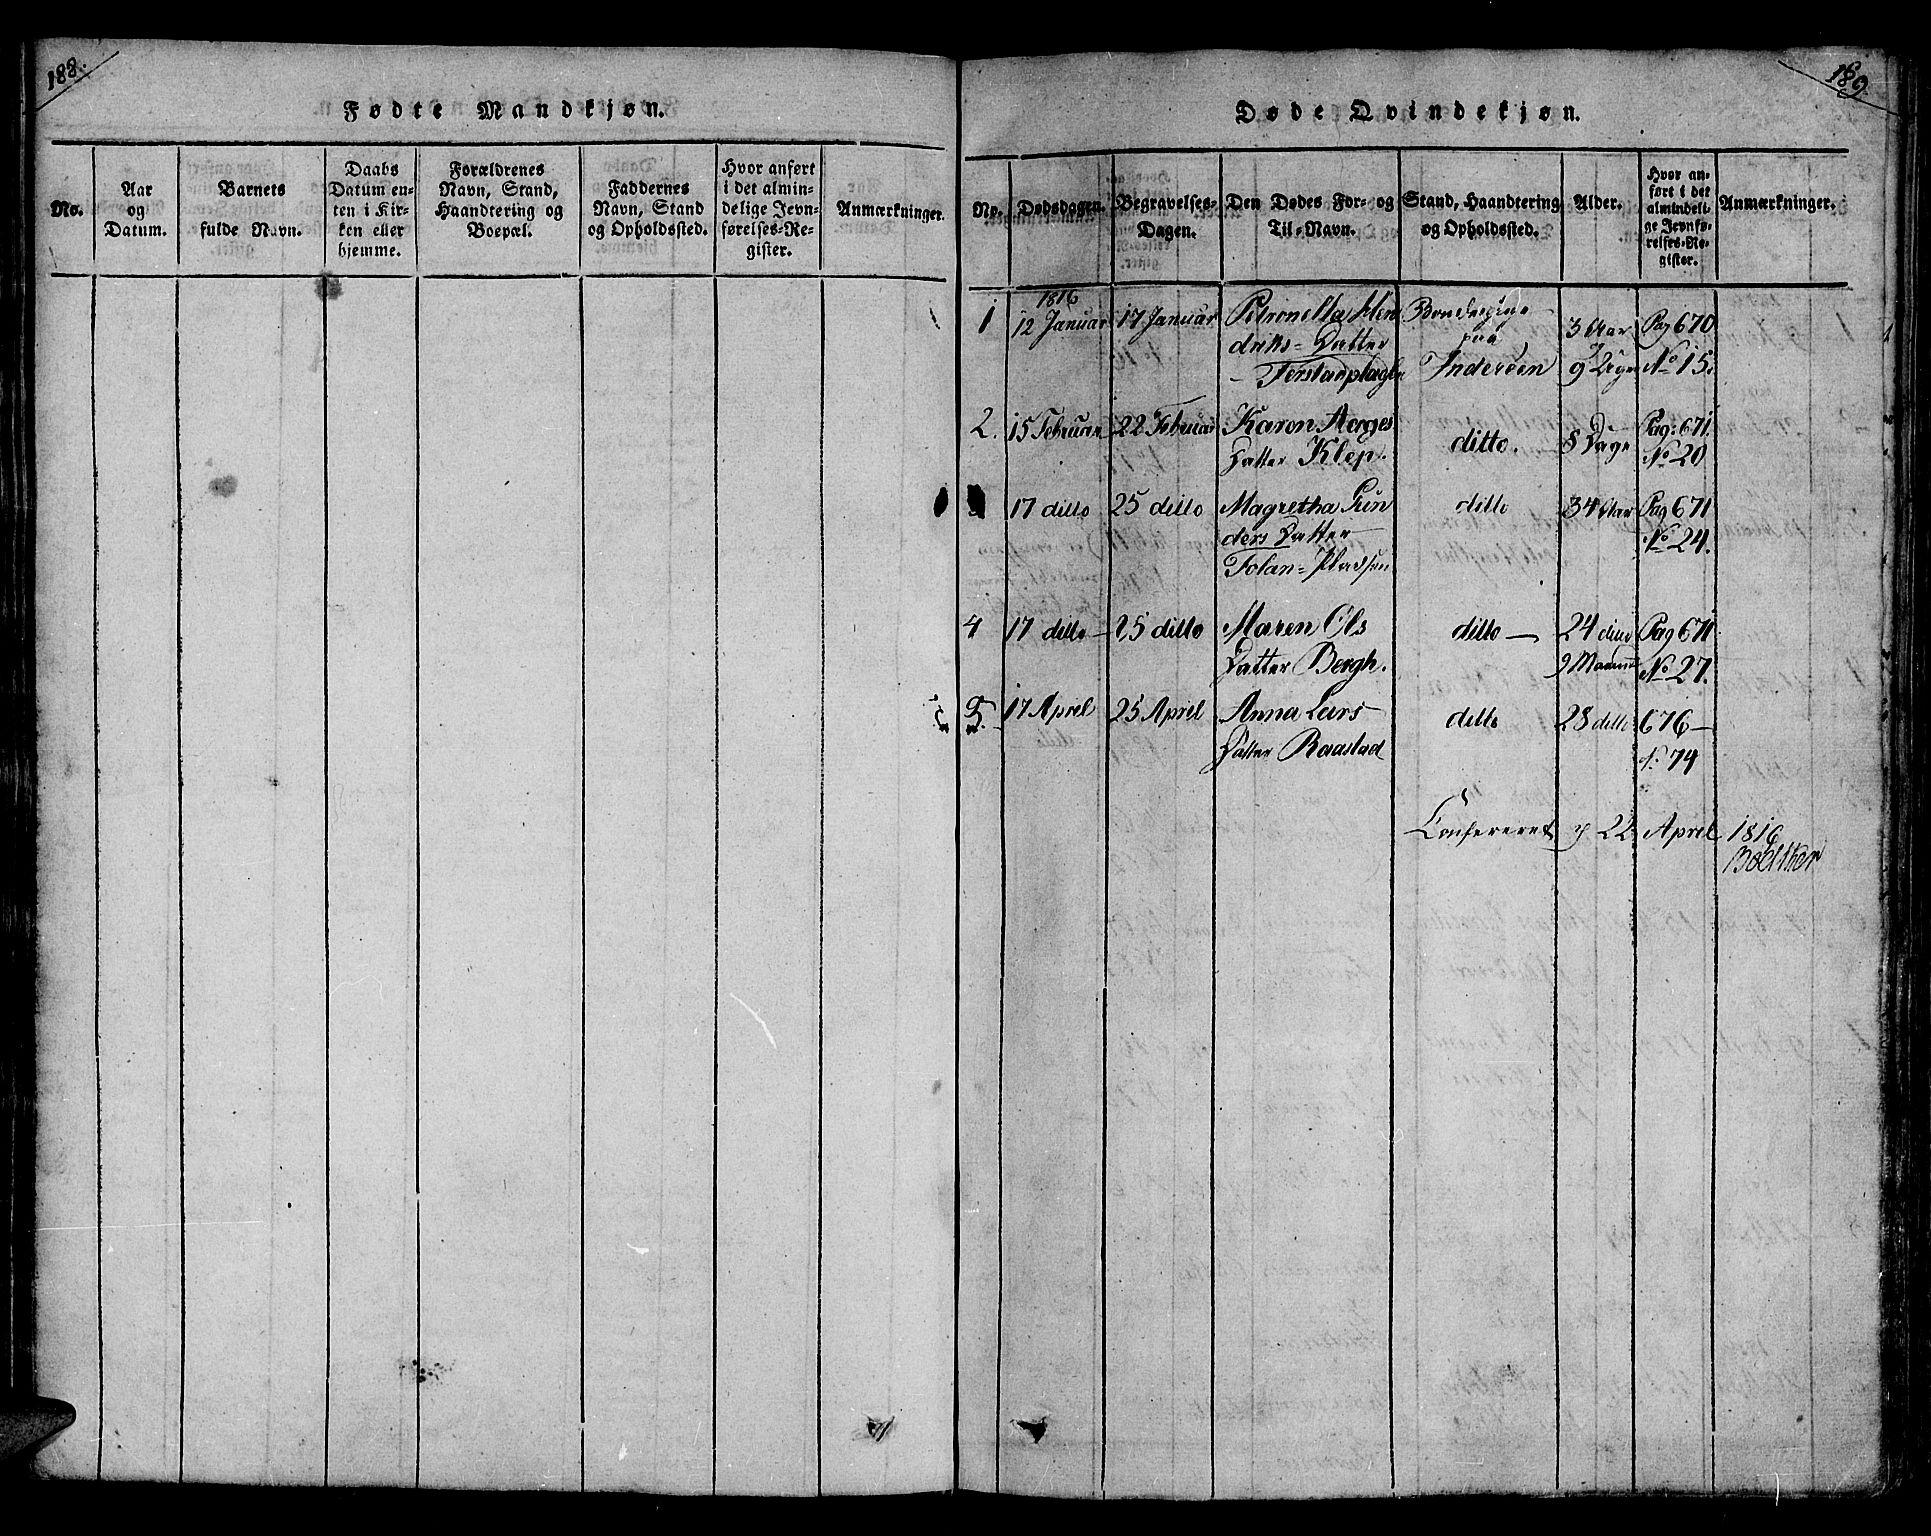 SAT, Ministerialprotokoller, klokkerbøker og fødselsregistre - Nord-Trøndelag, 730/L0275: Parish register (official) no. 730A04, 1816-1822, p. 188-189